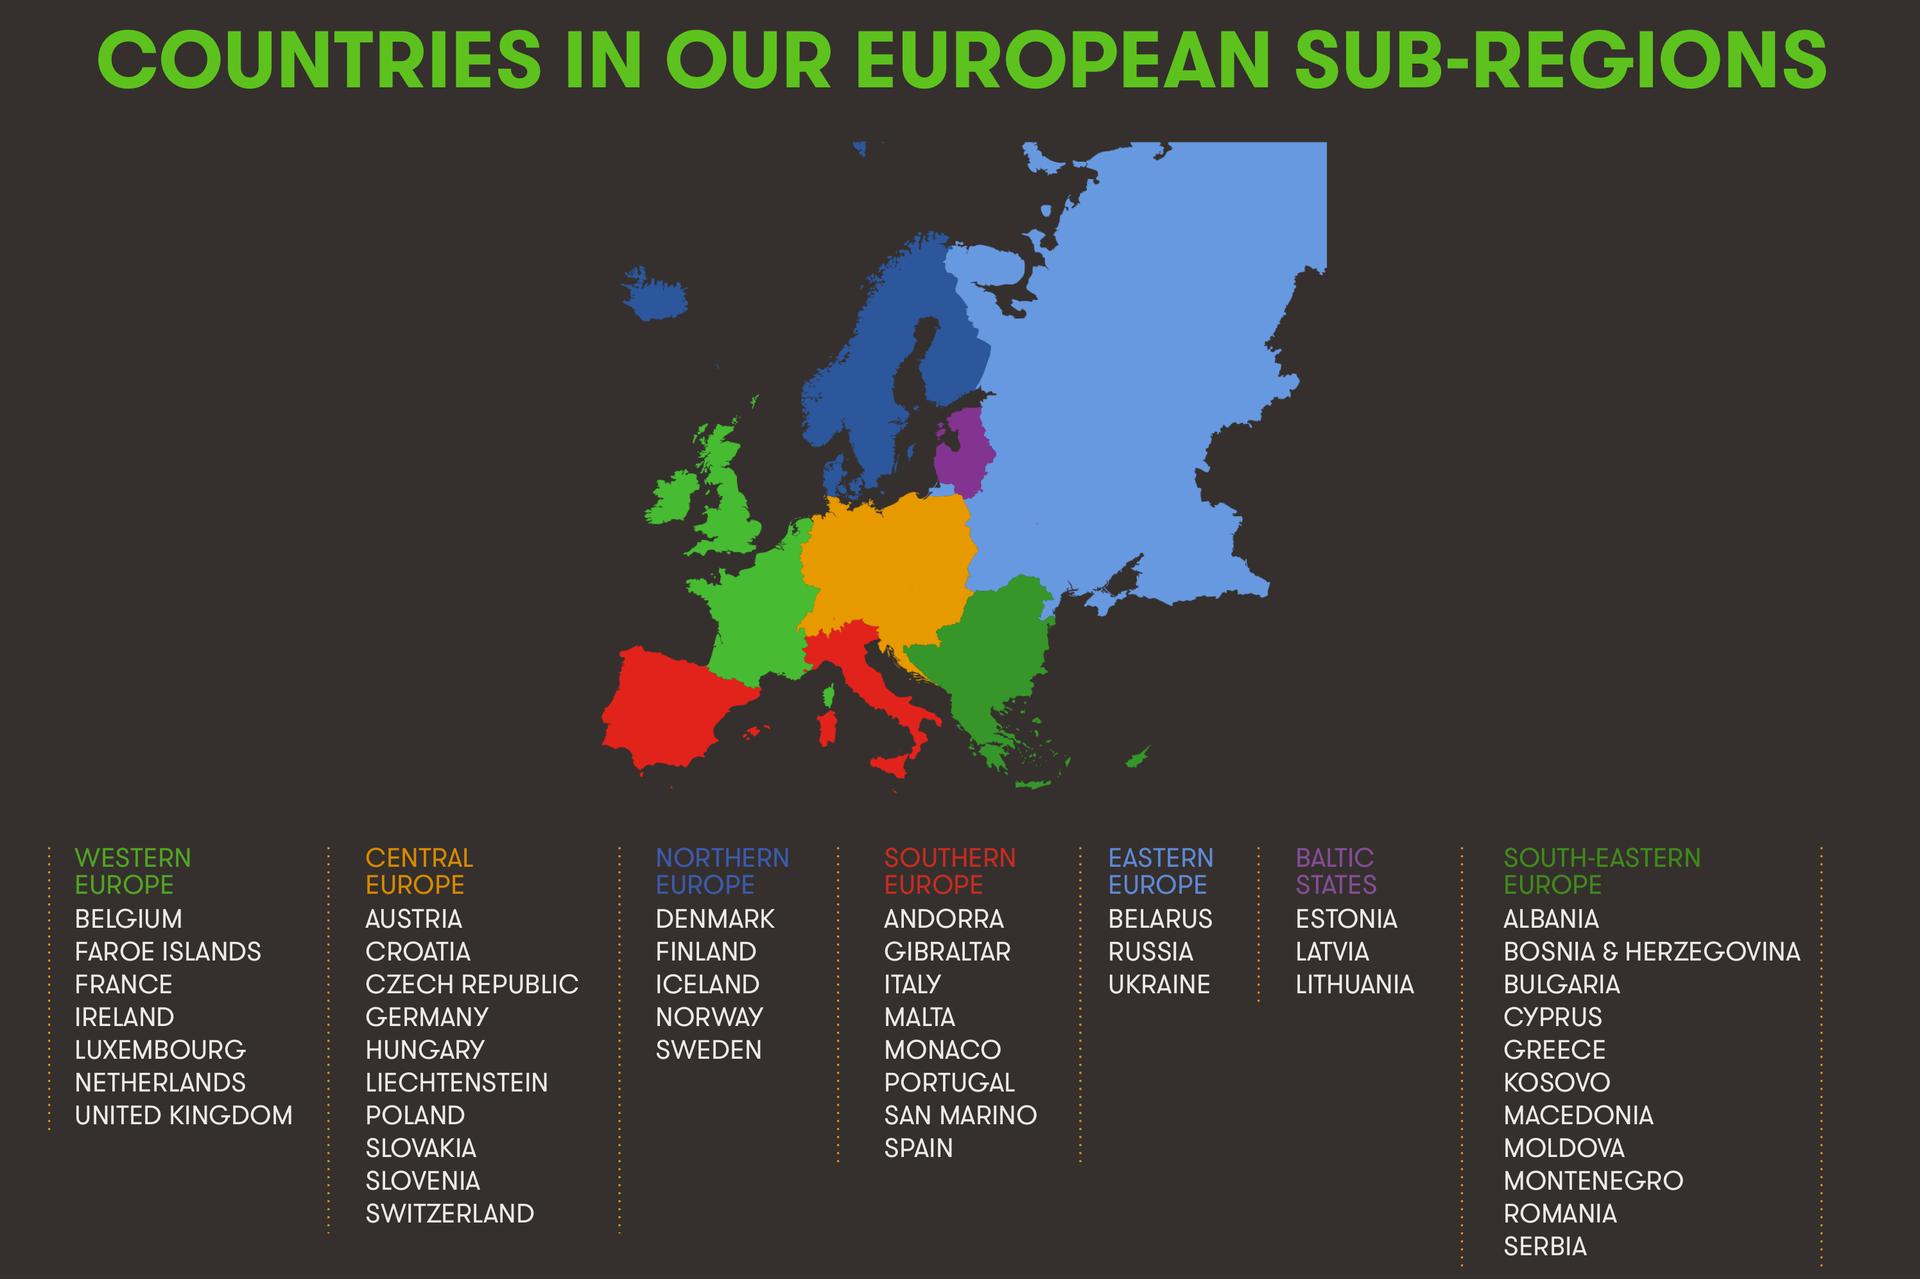 Компания Global Web Index представила статистический отчет о интернет предпочтениях жителей Европы в 2014 году - 10